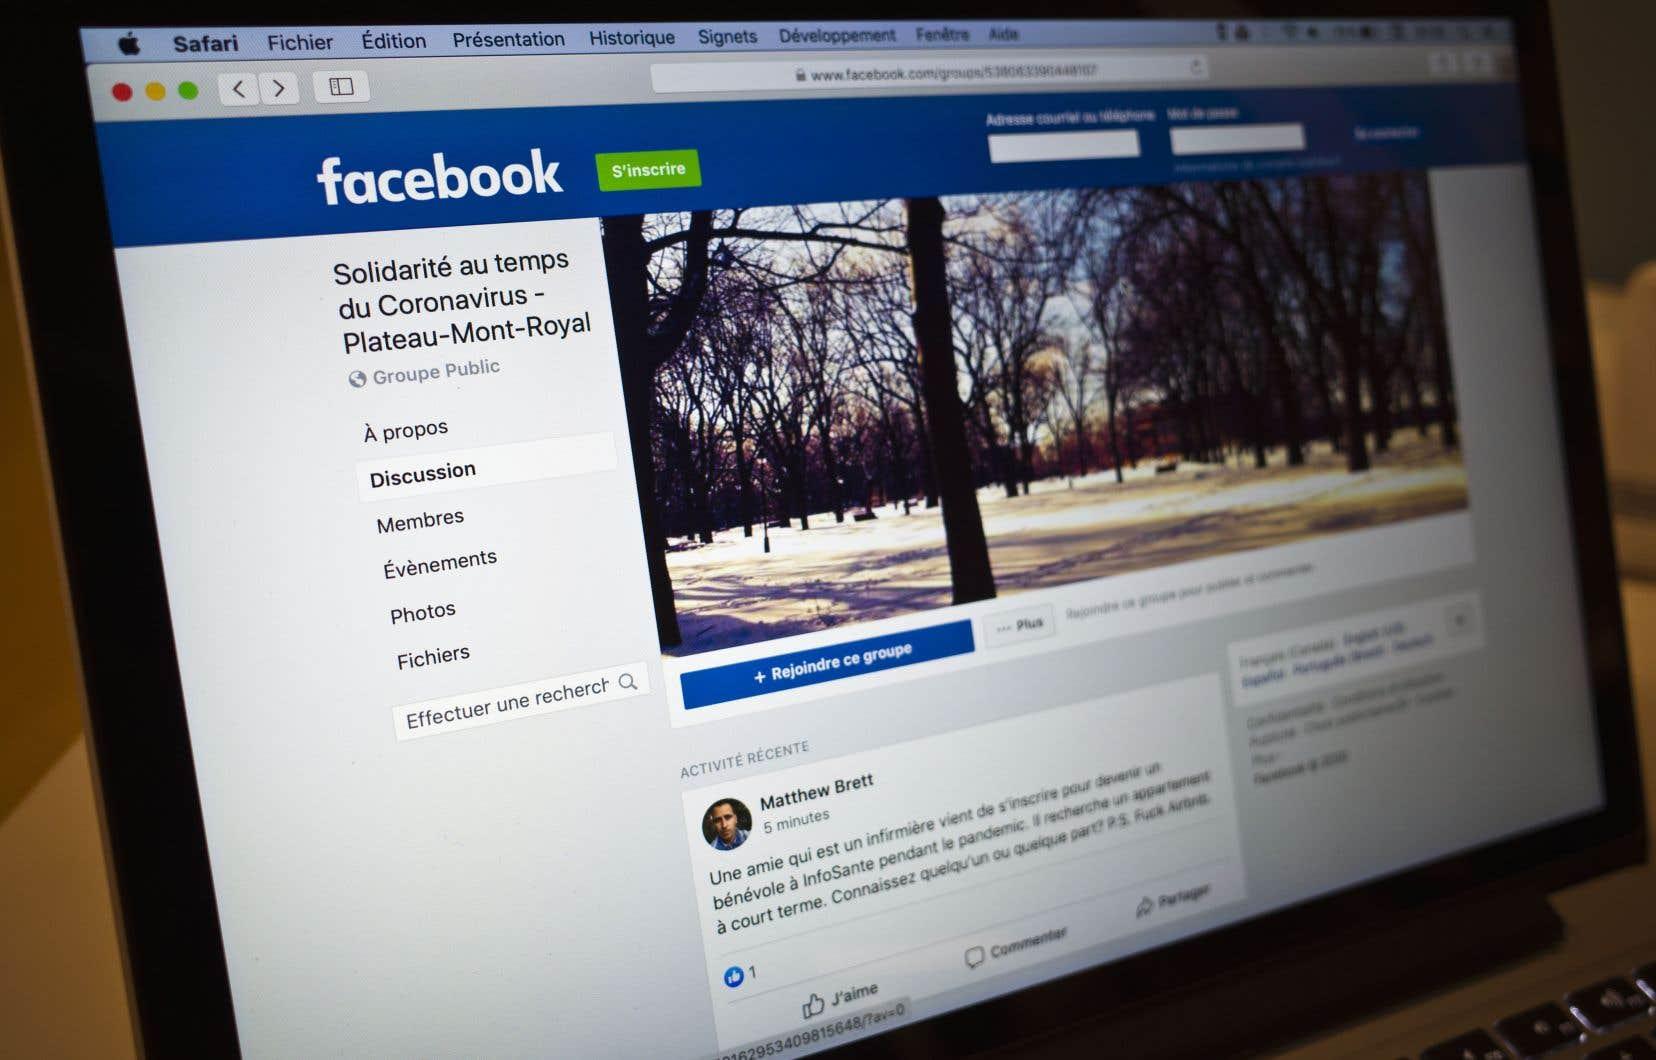 Chacun chez soi, la solidarité s'organise, une page Facebook à la fois.